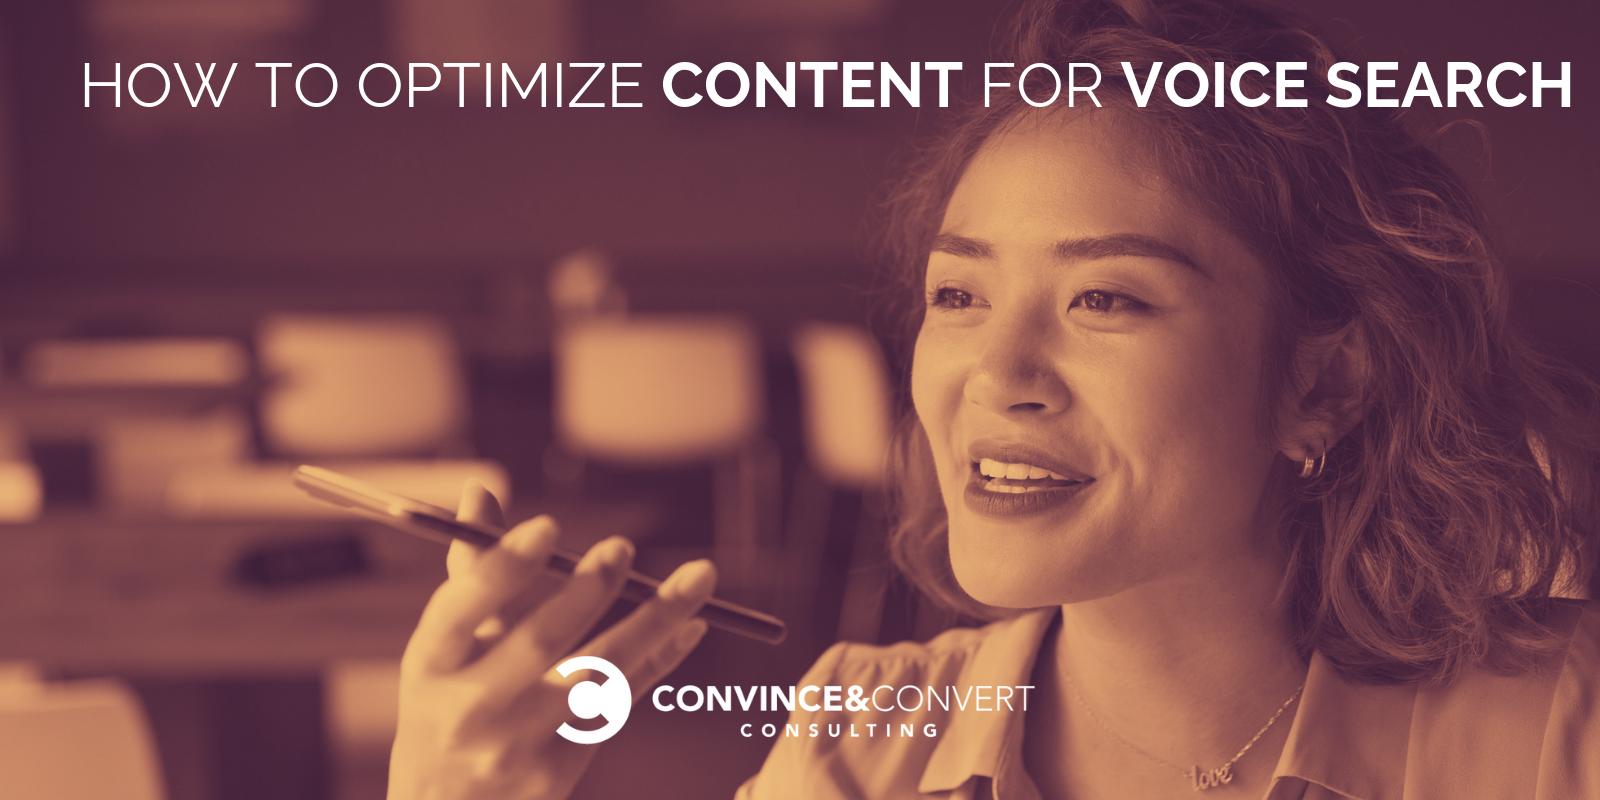 come ottimizzare i contenuti per la ricerca vocale